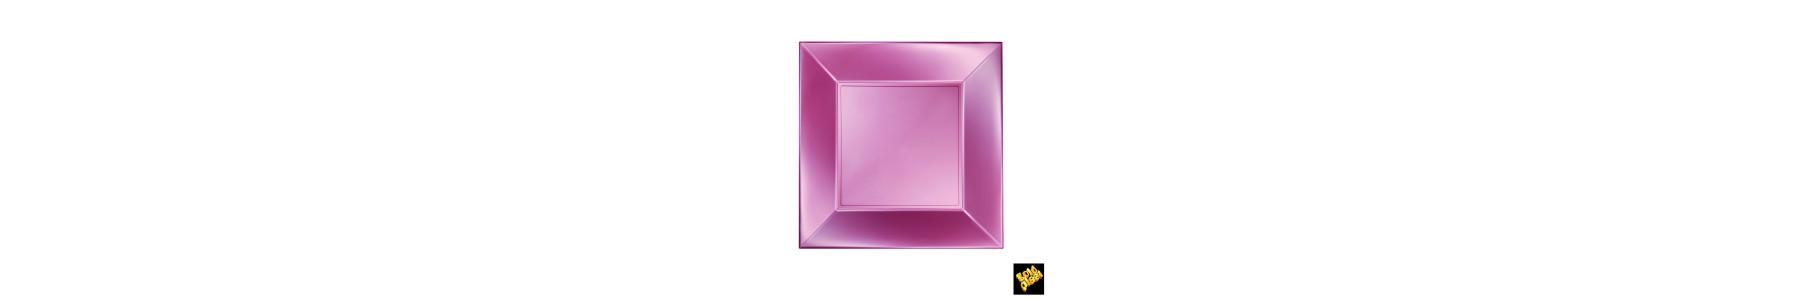 Colectia de articole din plastic Premium Roz Perla